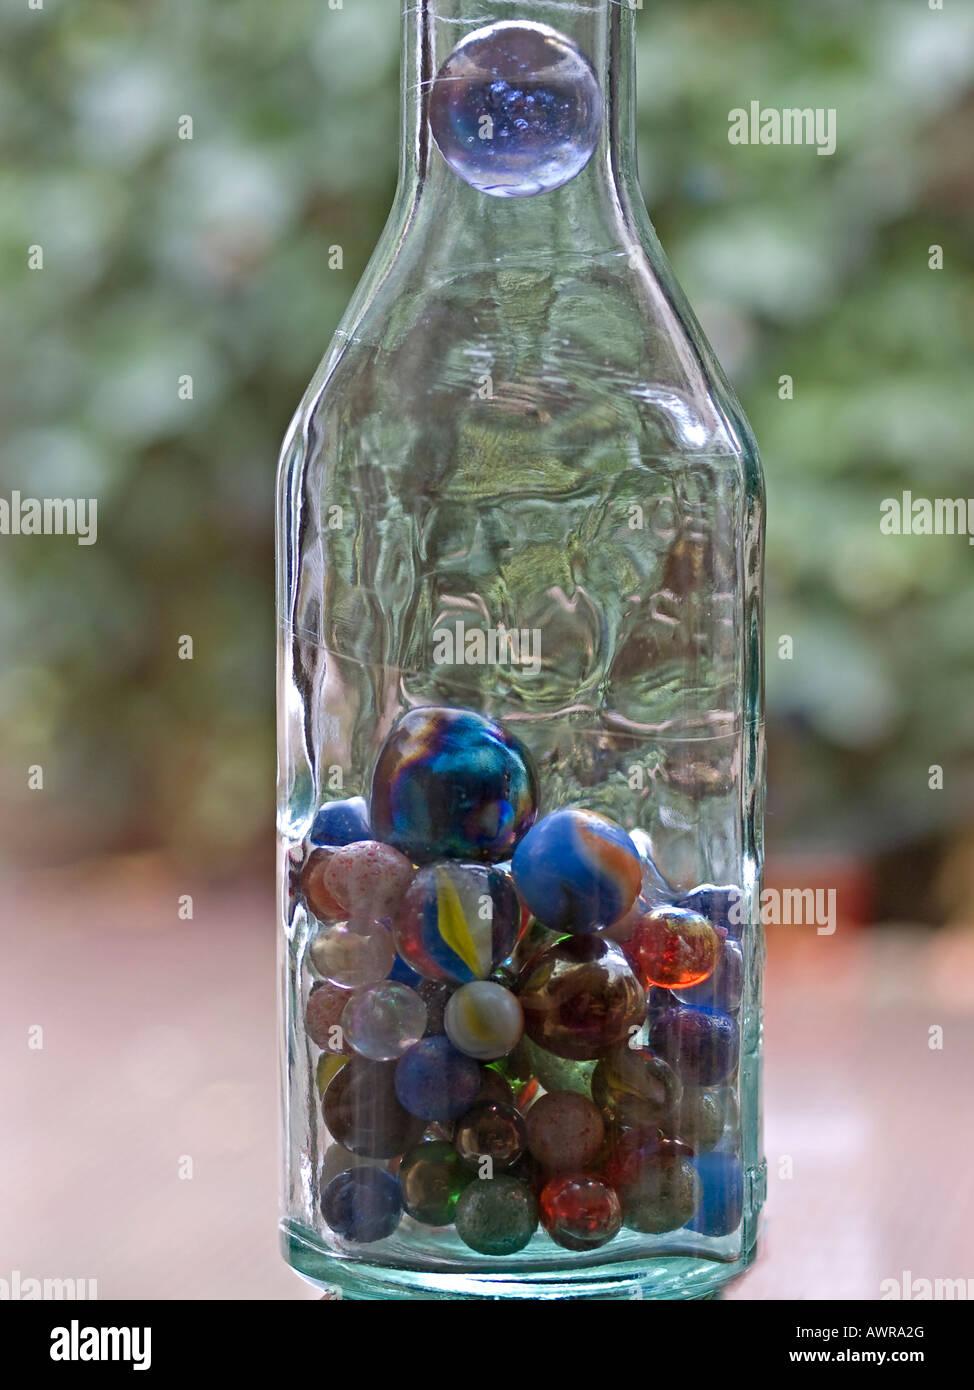 glas bottle stockfotos glas bottle bilder alamy. Black Bedroom Furniture Sets. Home Design Ideas